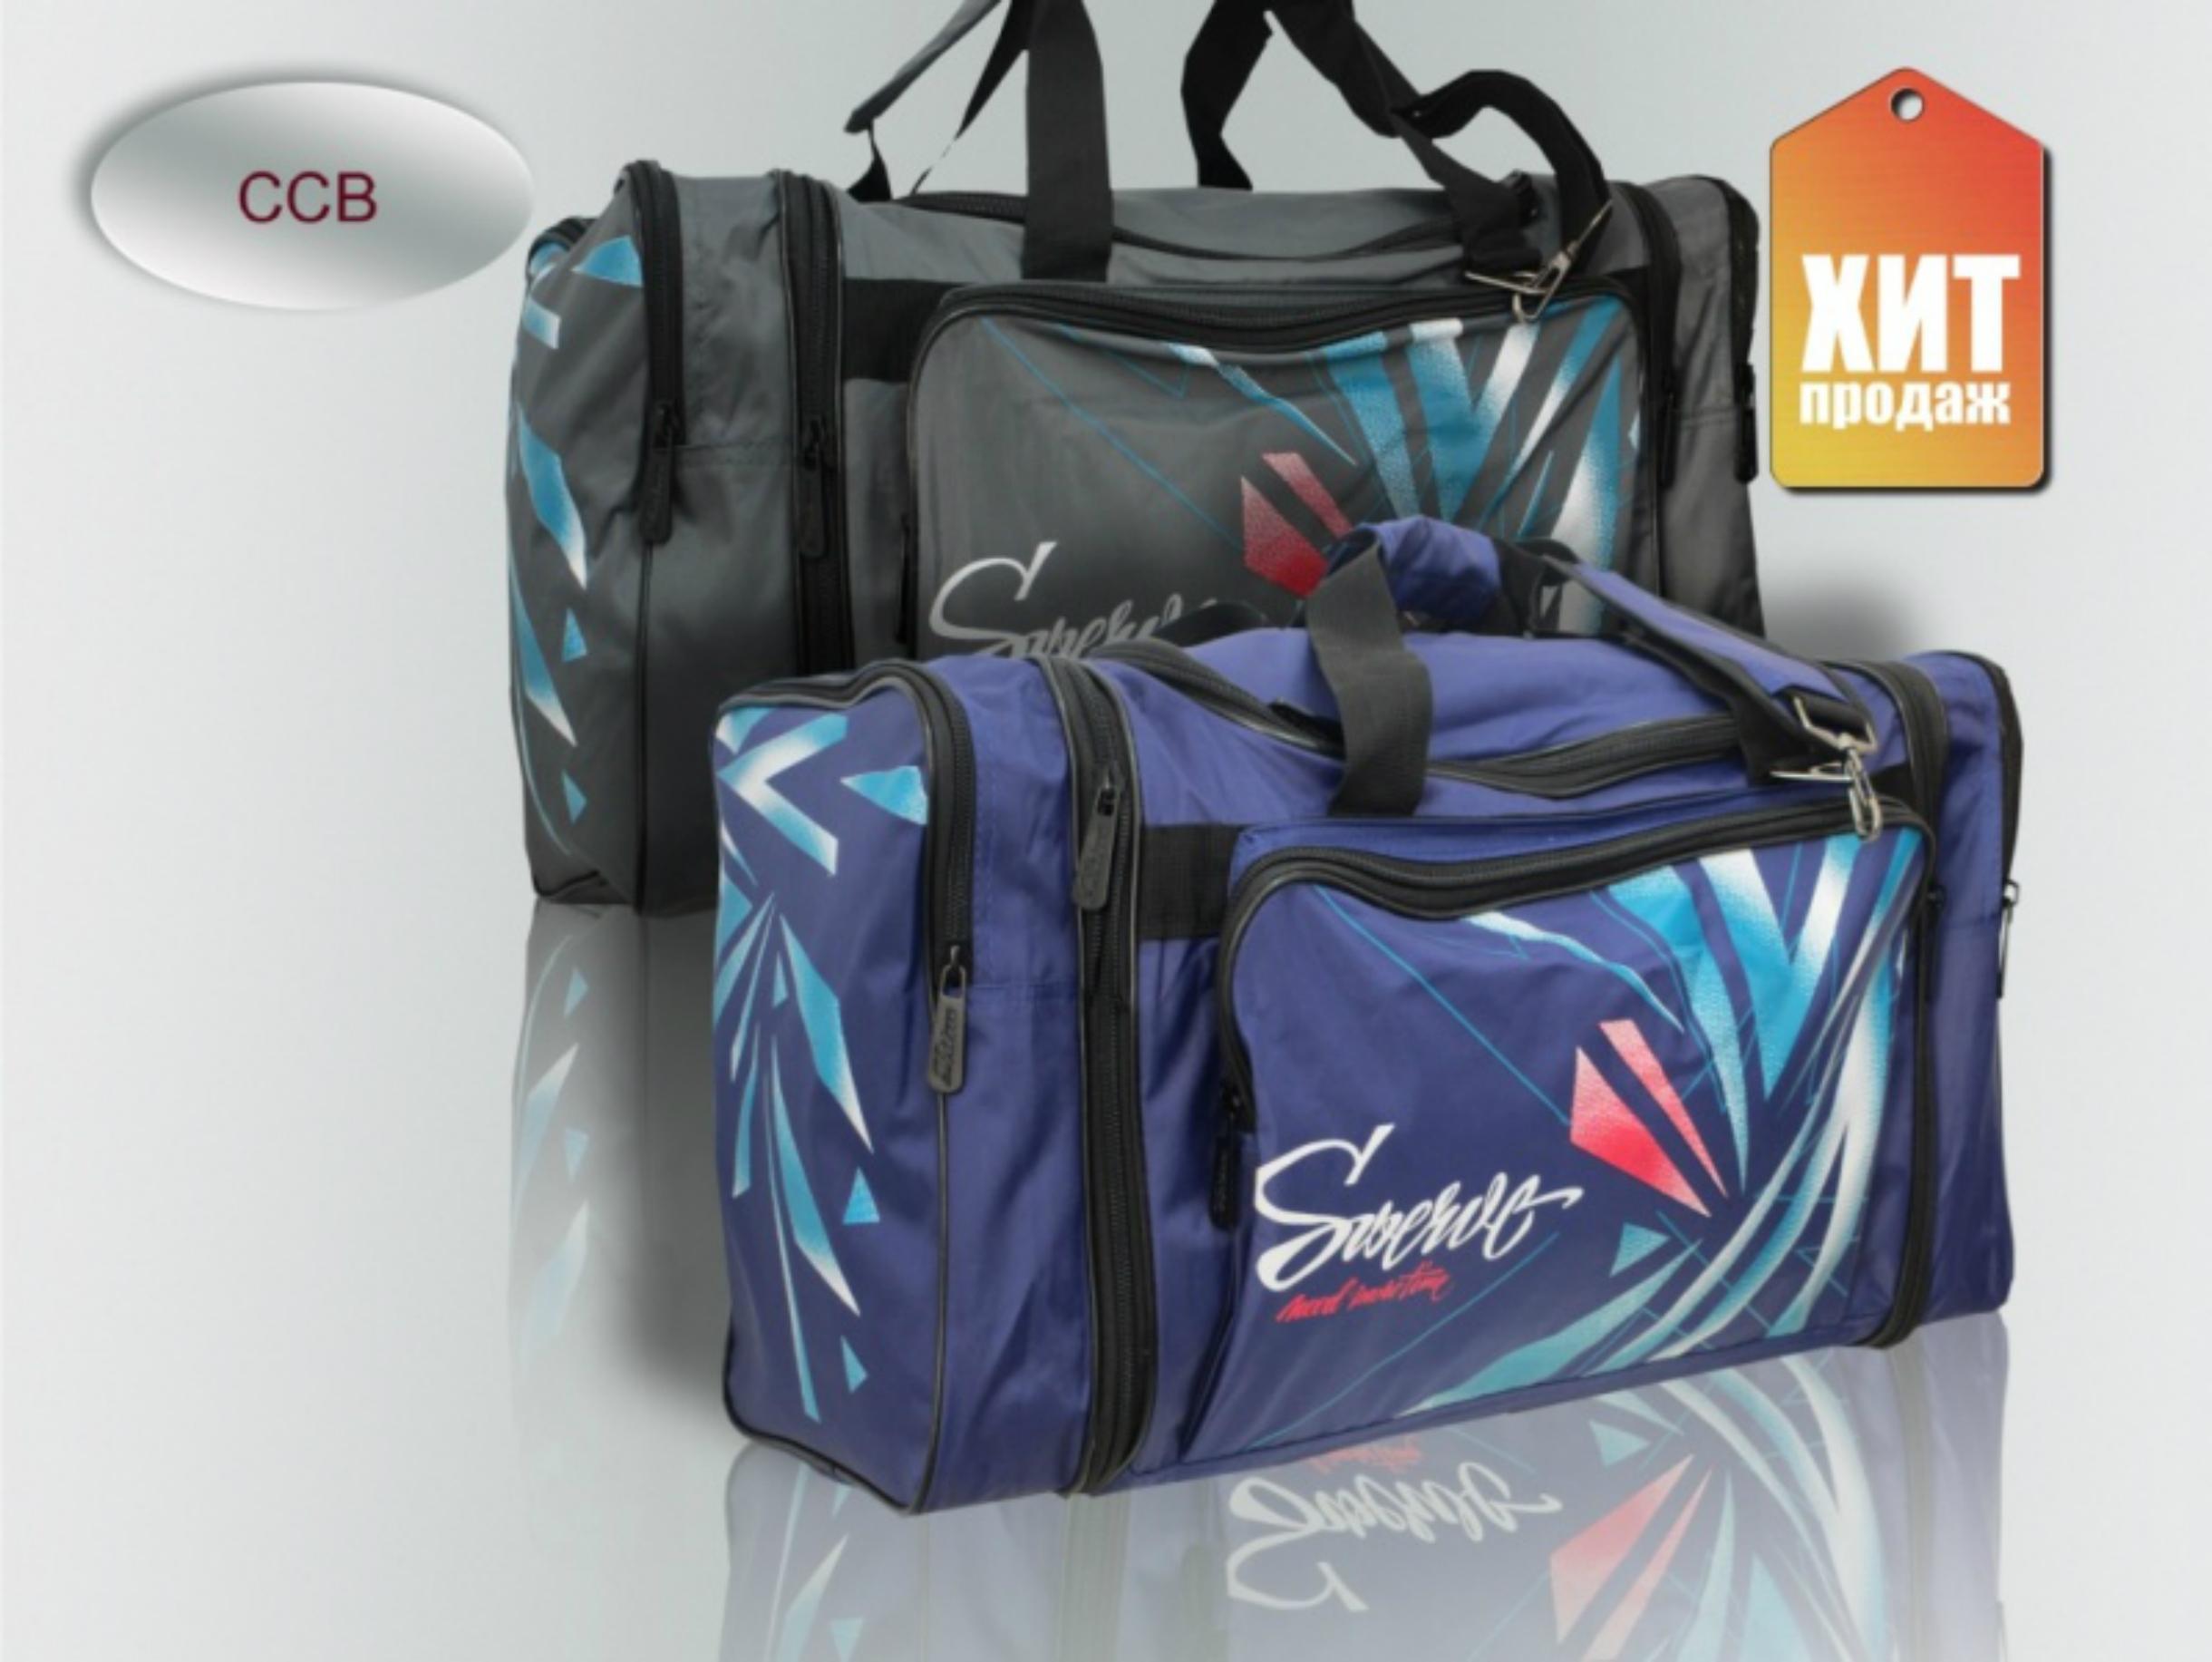 Сбор заказов. Таких цен нет нигде! Сумки дорожные, сумки спортивные, сумки для фитнеса - удобные и вместительные! - 5